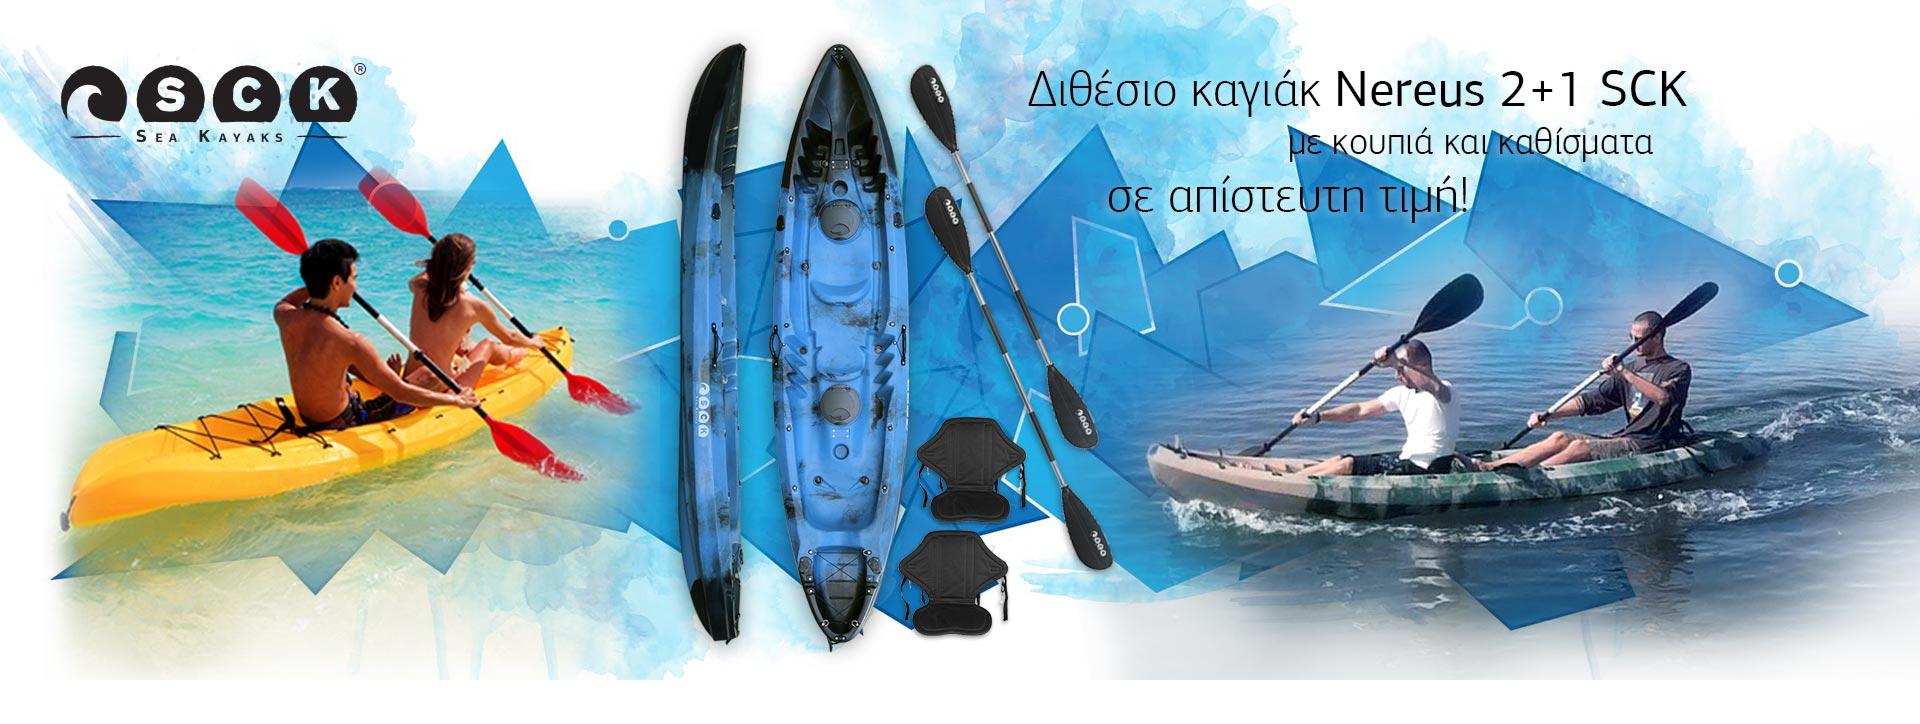 Slide_Nereus_kayak_SCK